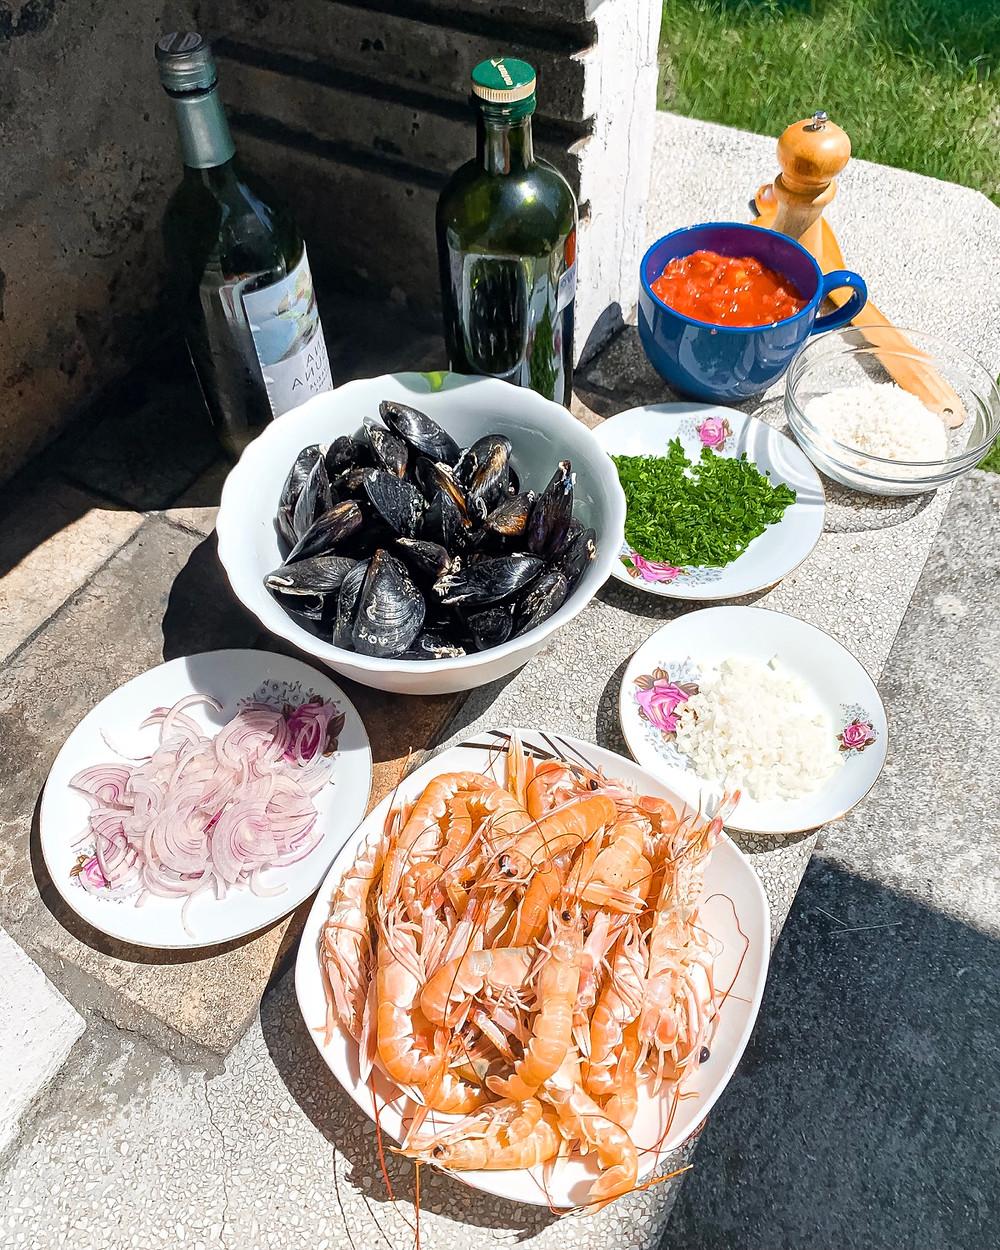 buzara, dagnje na buzaro, škampi na buzaro, helenine čarovnije, buzara na rdeče, buzara na belo, kosilo, morska hrana, delicije, dalmatinska kuhinja, dagnja